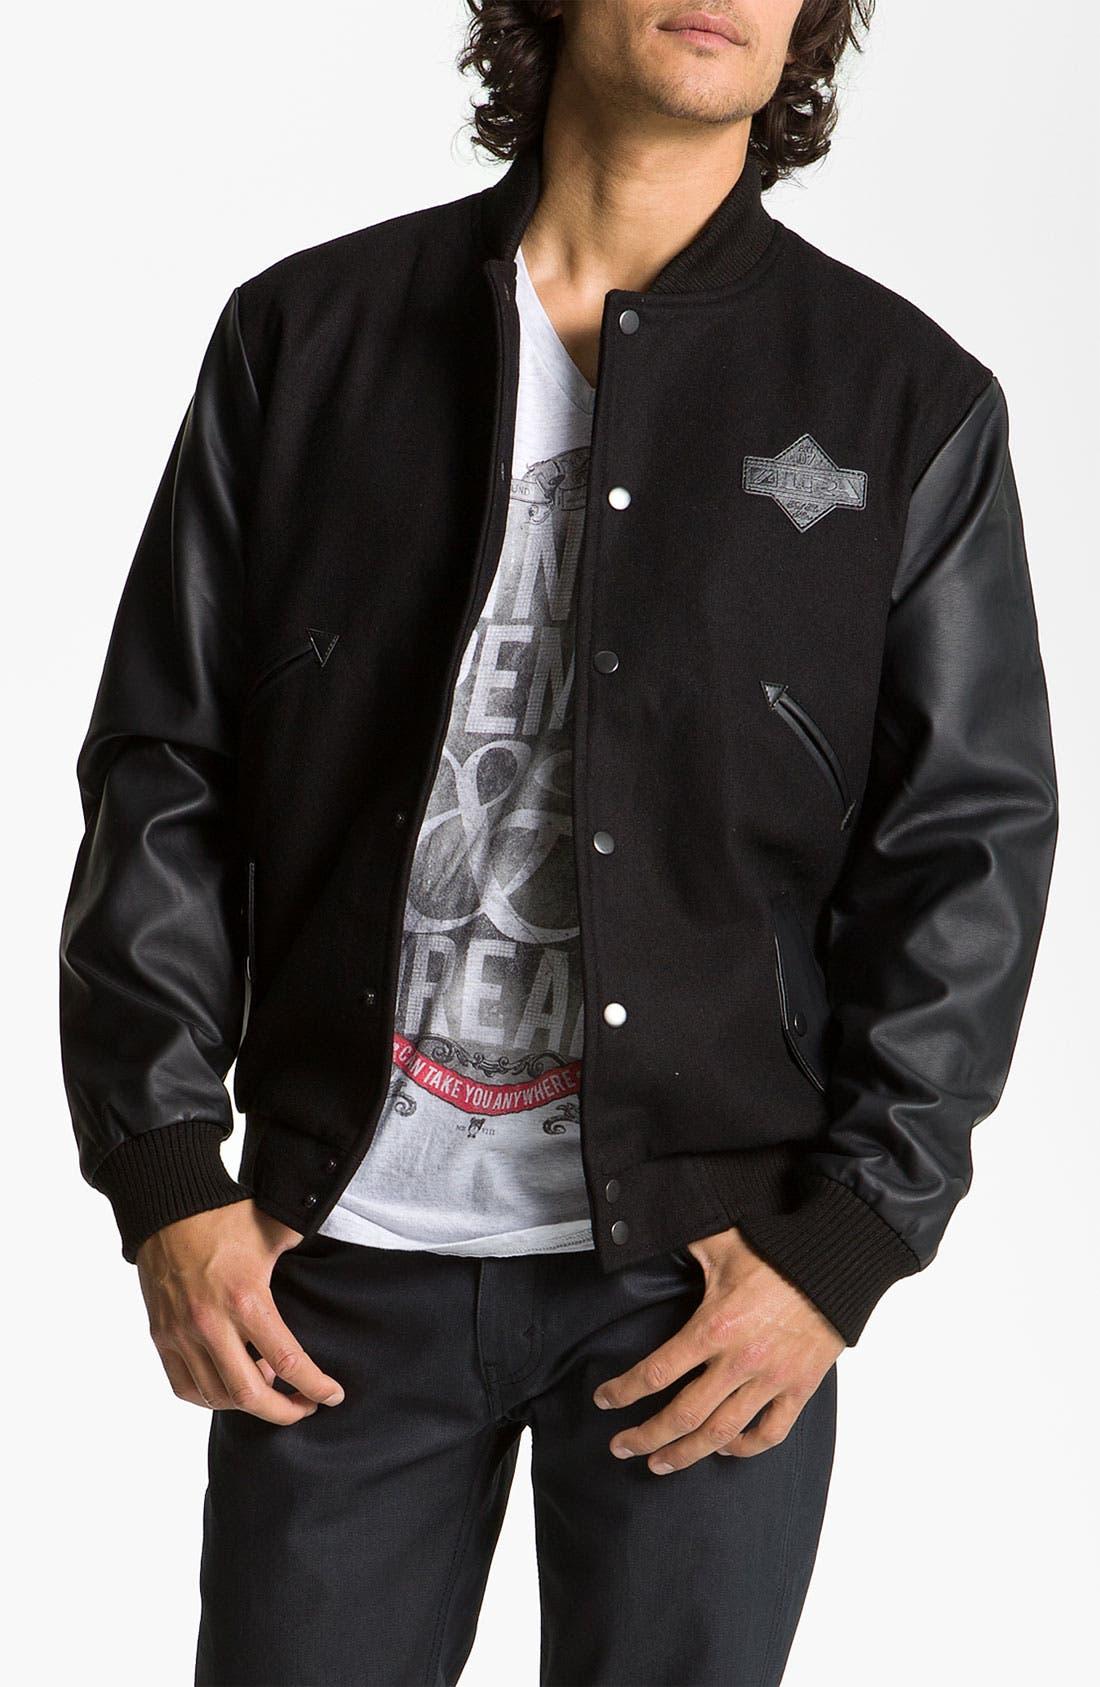 Main Image - Lira Clothing Wool Blend Varsity Jacket